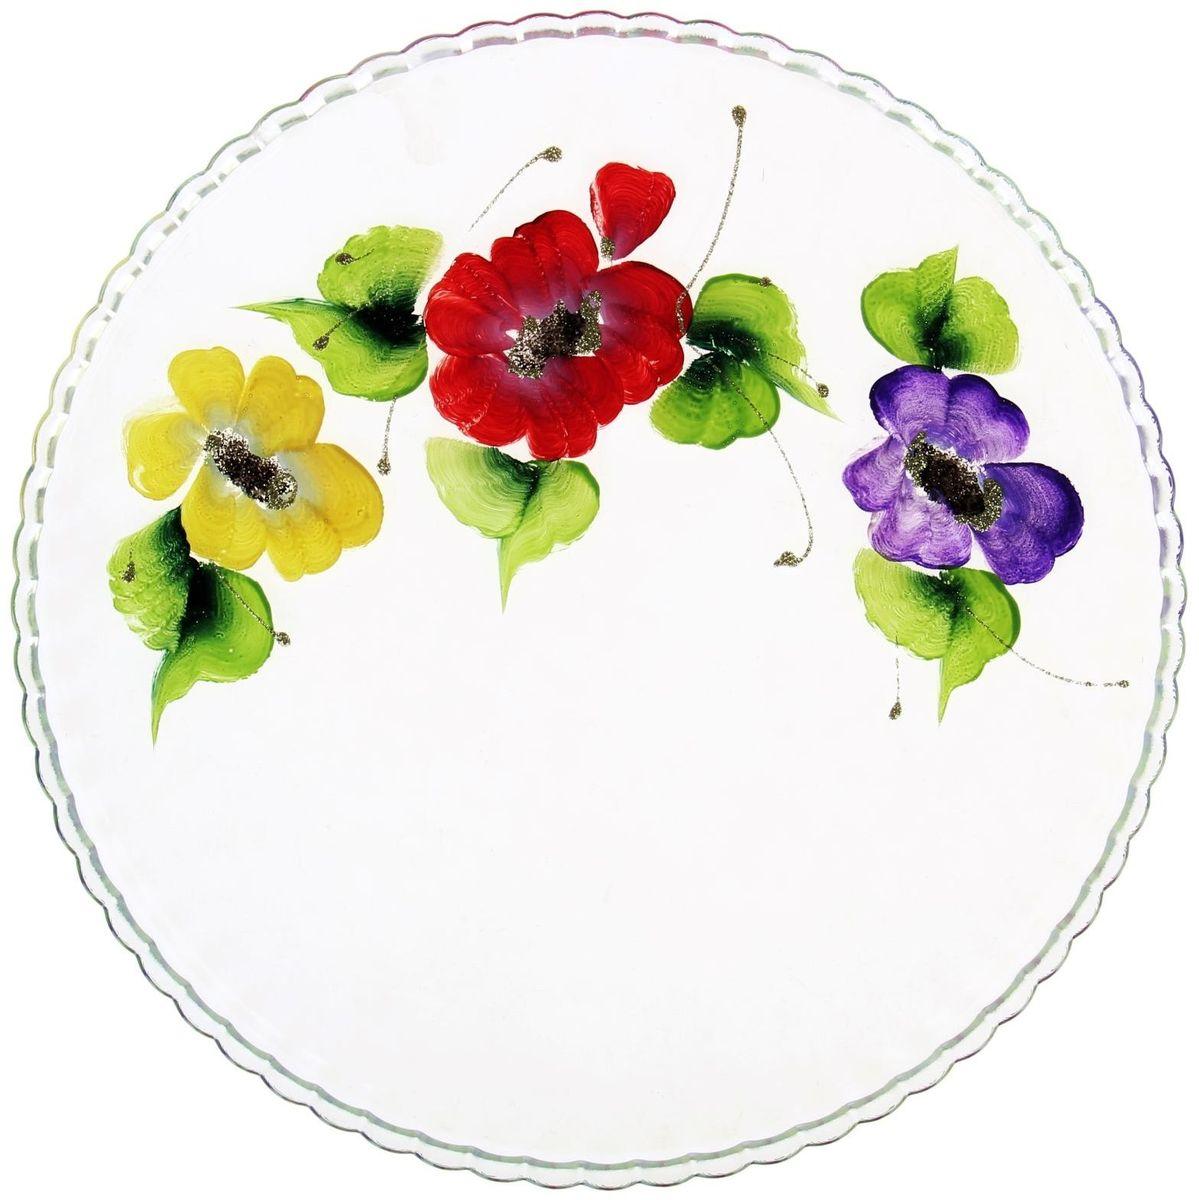 Блюдо Хрустальный звон Патиссэри, диаметр 28 см. 11937001193700Круглое блюдо Хрустальный звон выполнено из высококачественного стекла и дополнено красивым принтом с художественной росписью. Изделие отлично подходит для сервировки закусок, нарезок, канапе, горячих блюд и многого другого.Такое блюдо замечательно для торжественных случаев. Оно дополнит сервировку праздничного стола и подчеркнет ваш прекрасный вкус. Обращаем ваше внимание, что роспись на изделии сделана вручную. Рисунок может немного отличаться от изображения на фотографии. Диаметр блюда: 28 см.